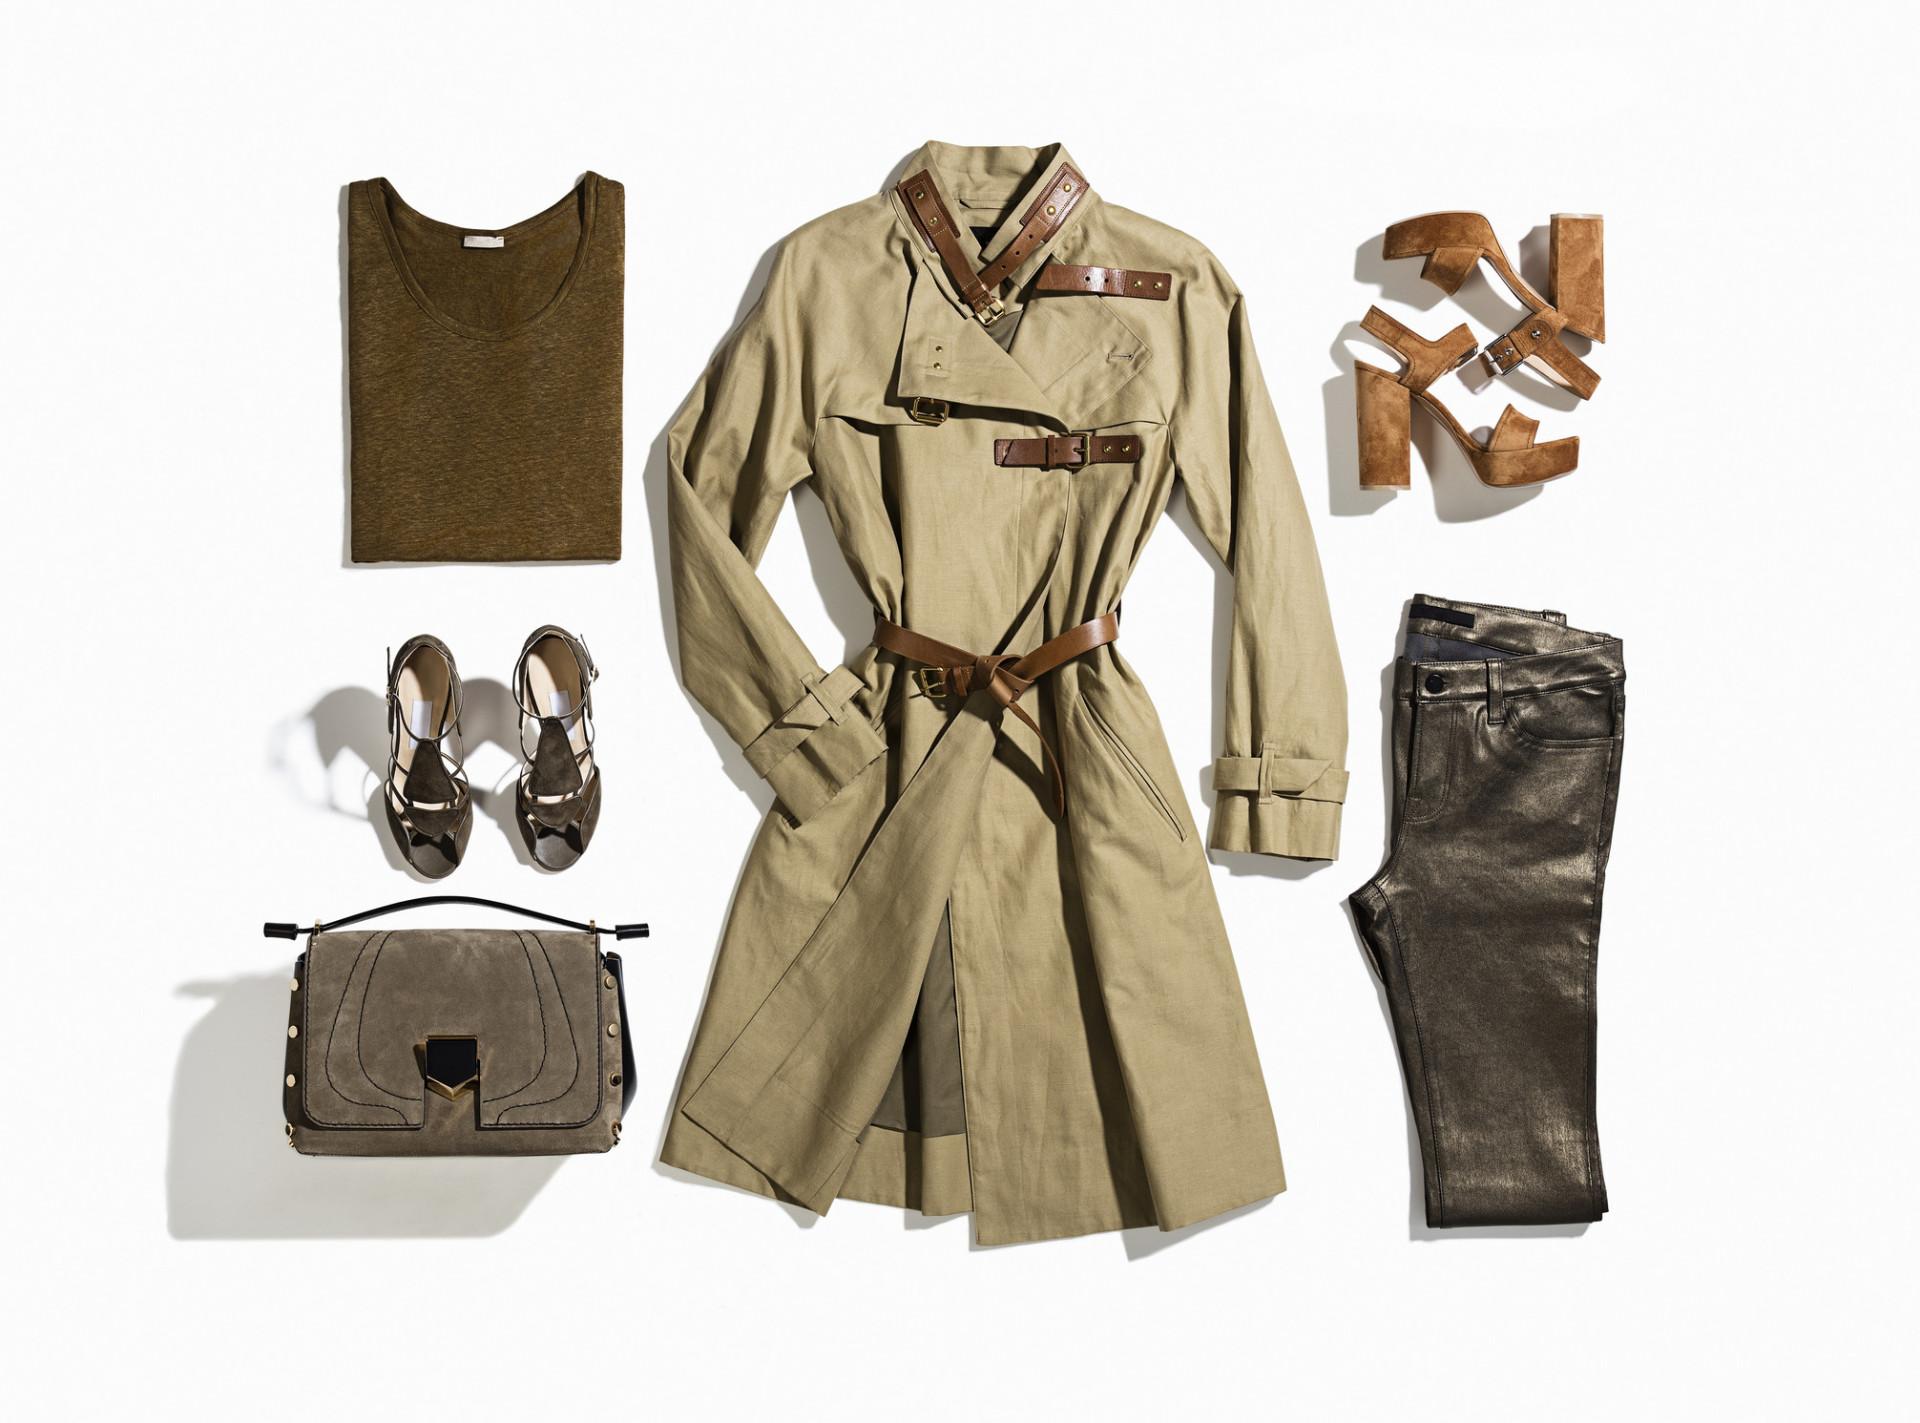 Sådan skal man klæde sig på i det køligere vejr